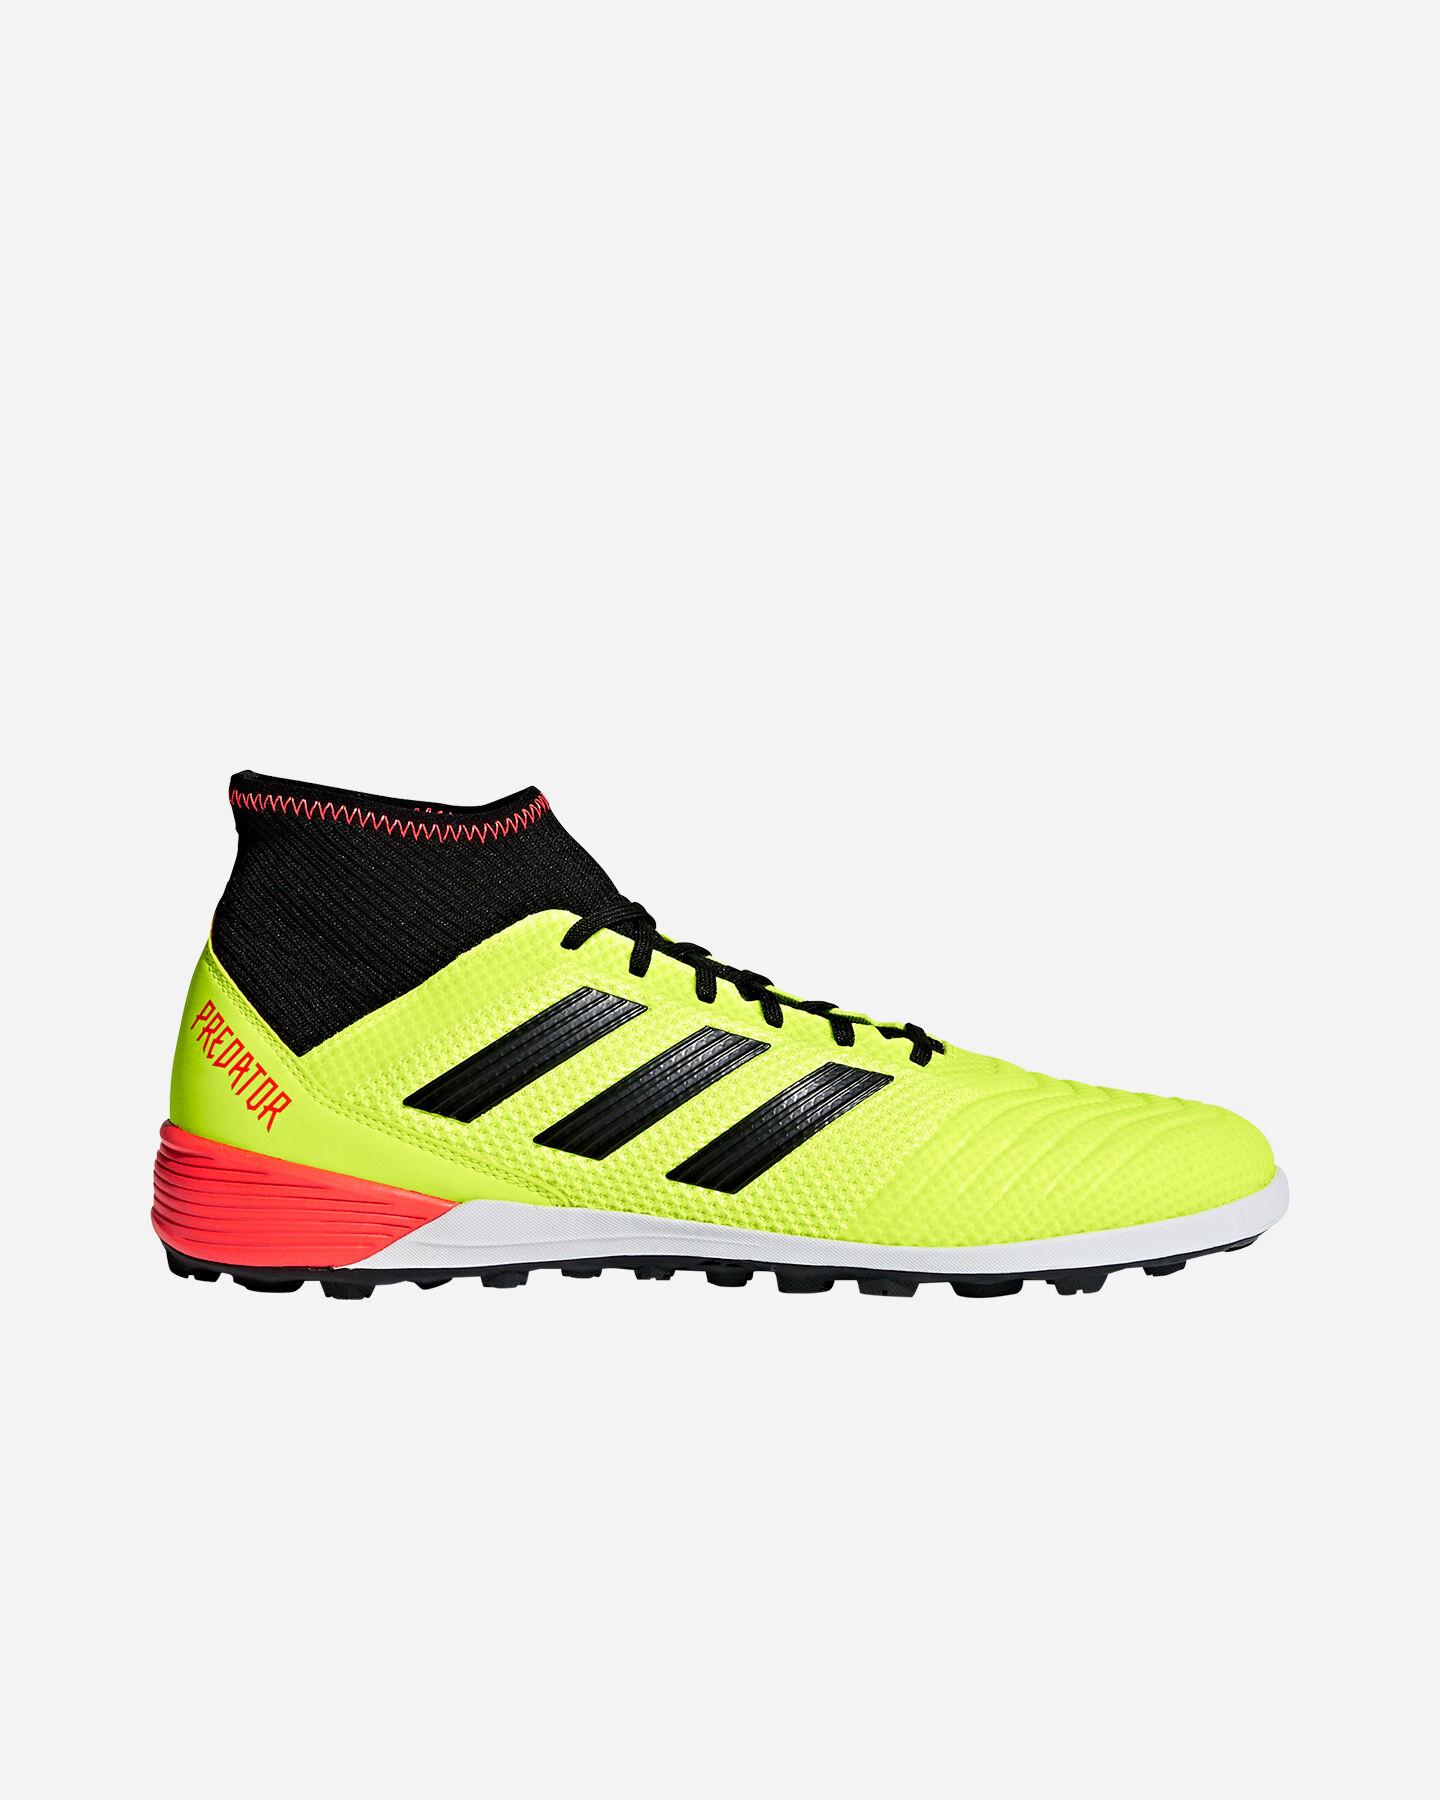 Acquista 2 OFF QUALSIASI scarpe nike calcetto CASE E OTTIENI IL 70 ... 8eb77e822c1